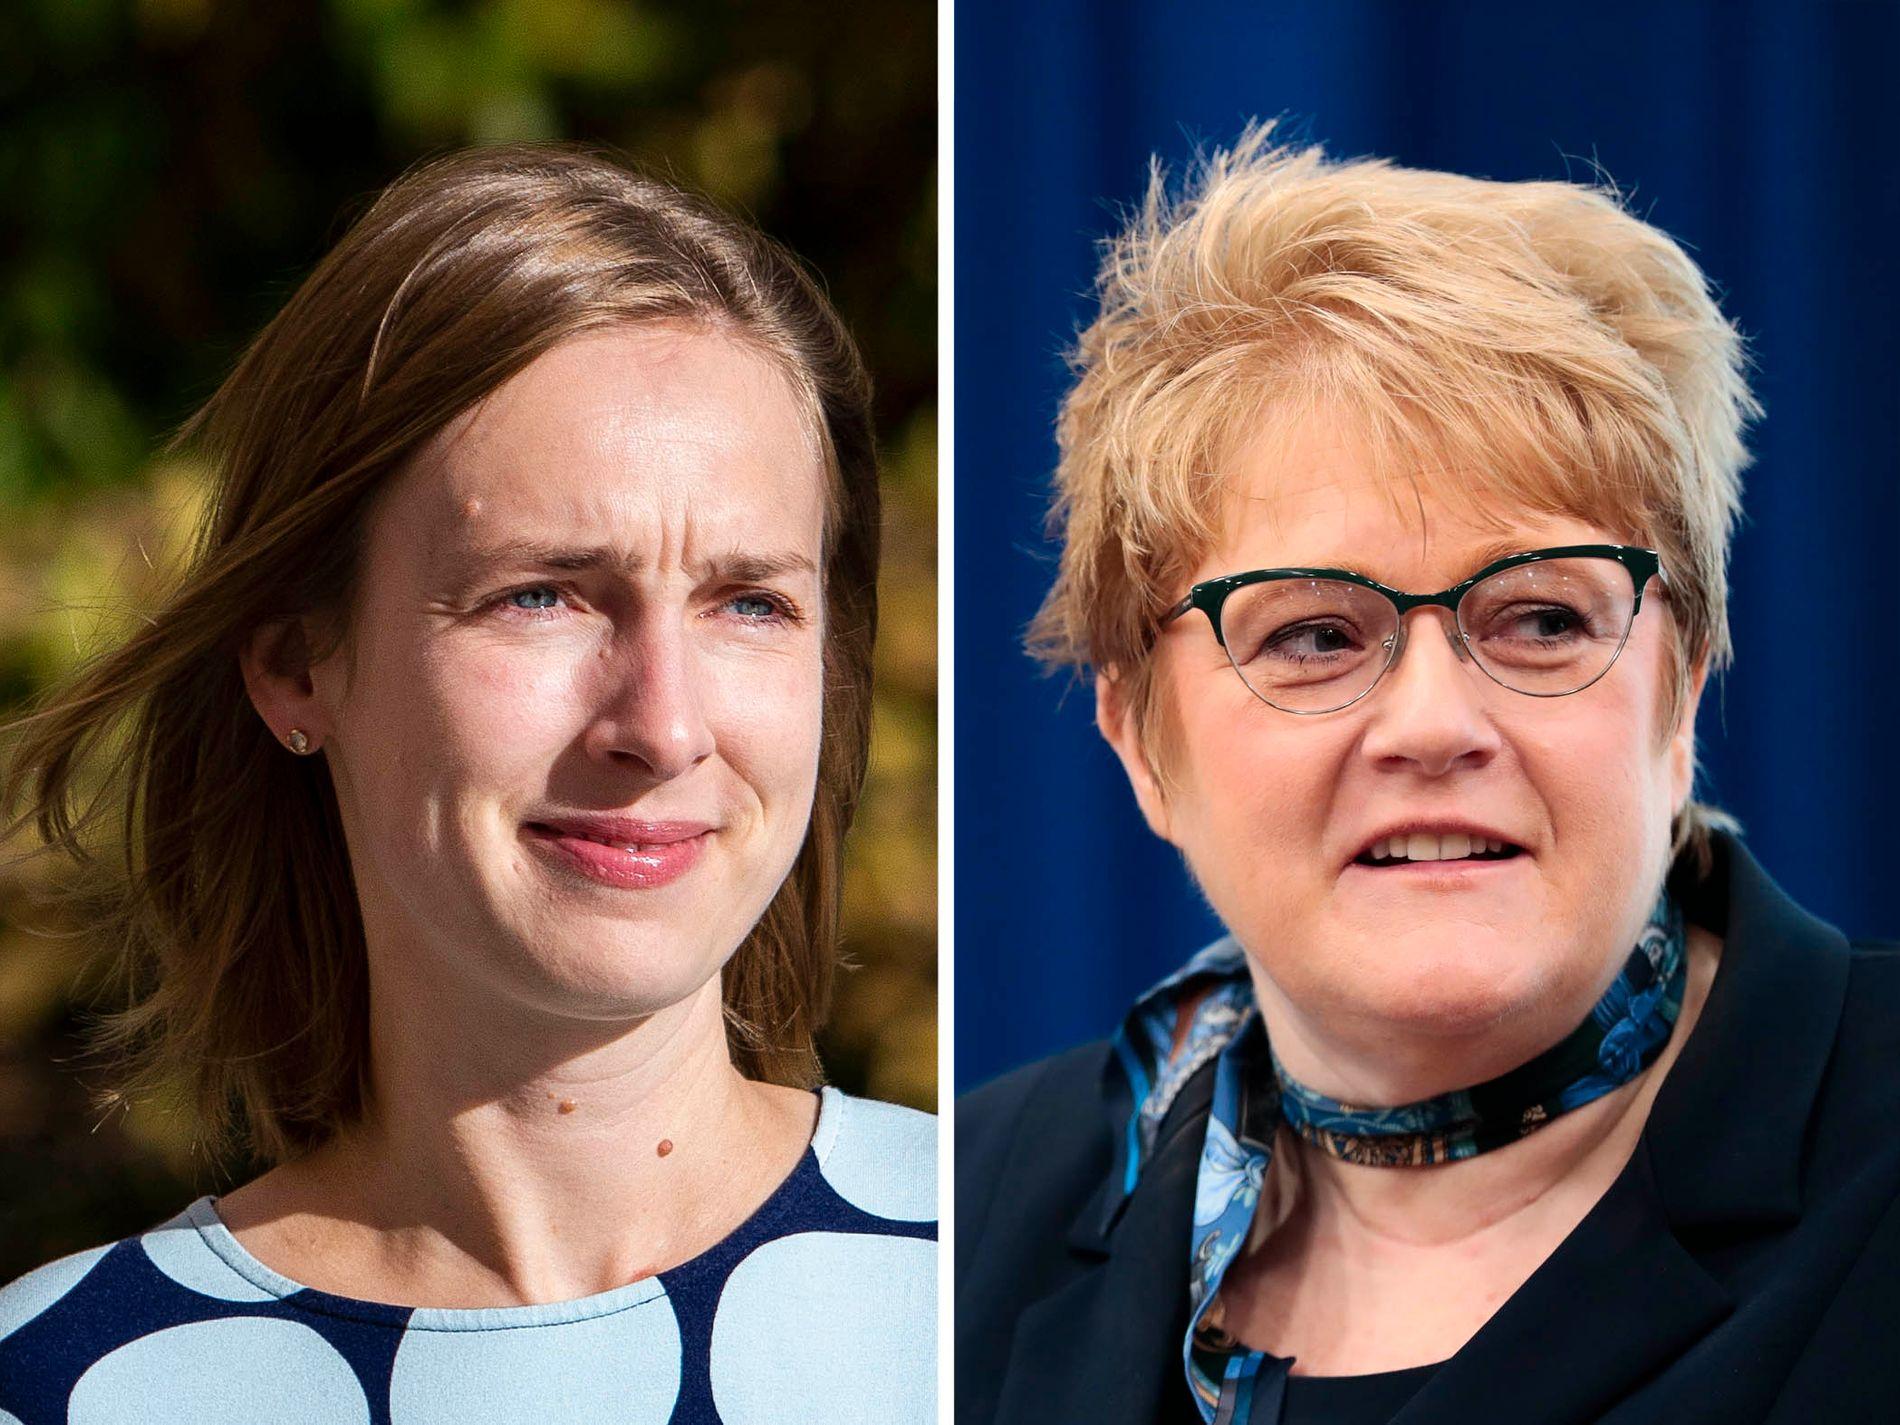 KRITISERER UNGARN: Forsknings- og høyere utdanningsminister Iselin Nybø (V) og kulturminister Trine Skei Grande (V)